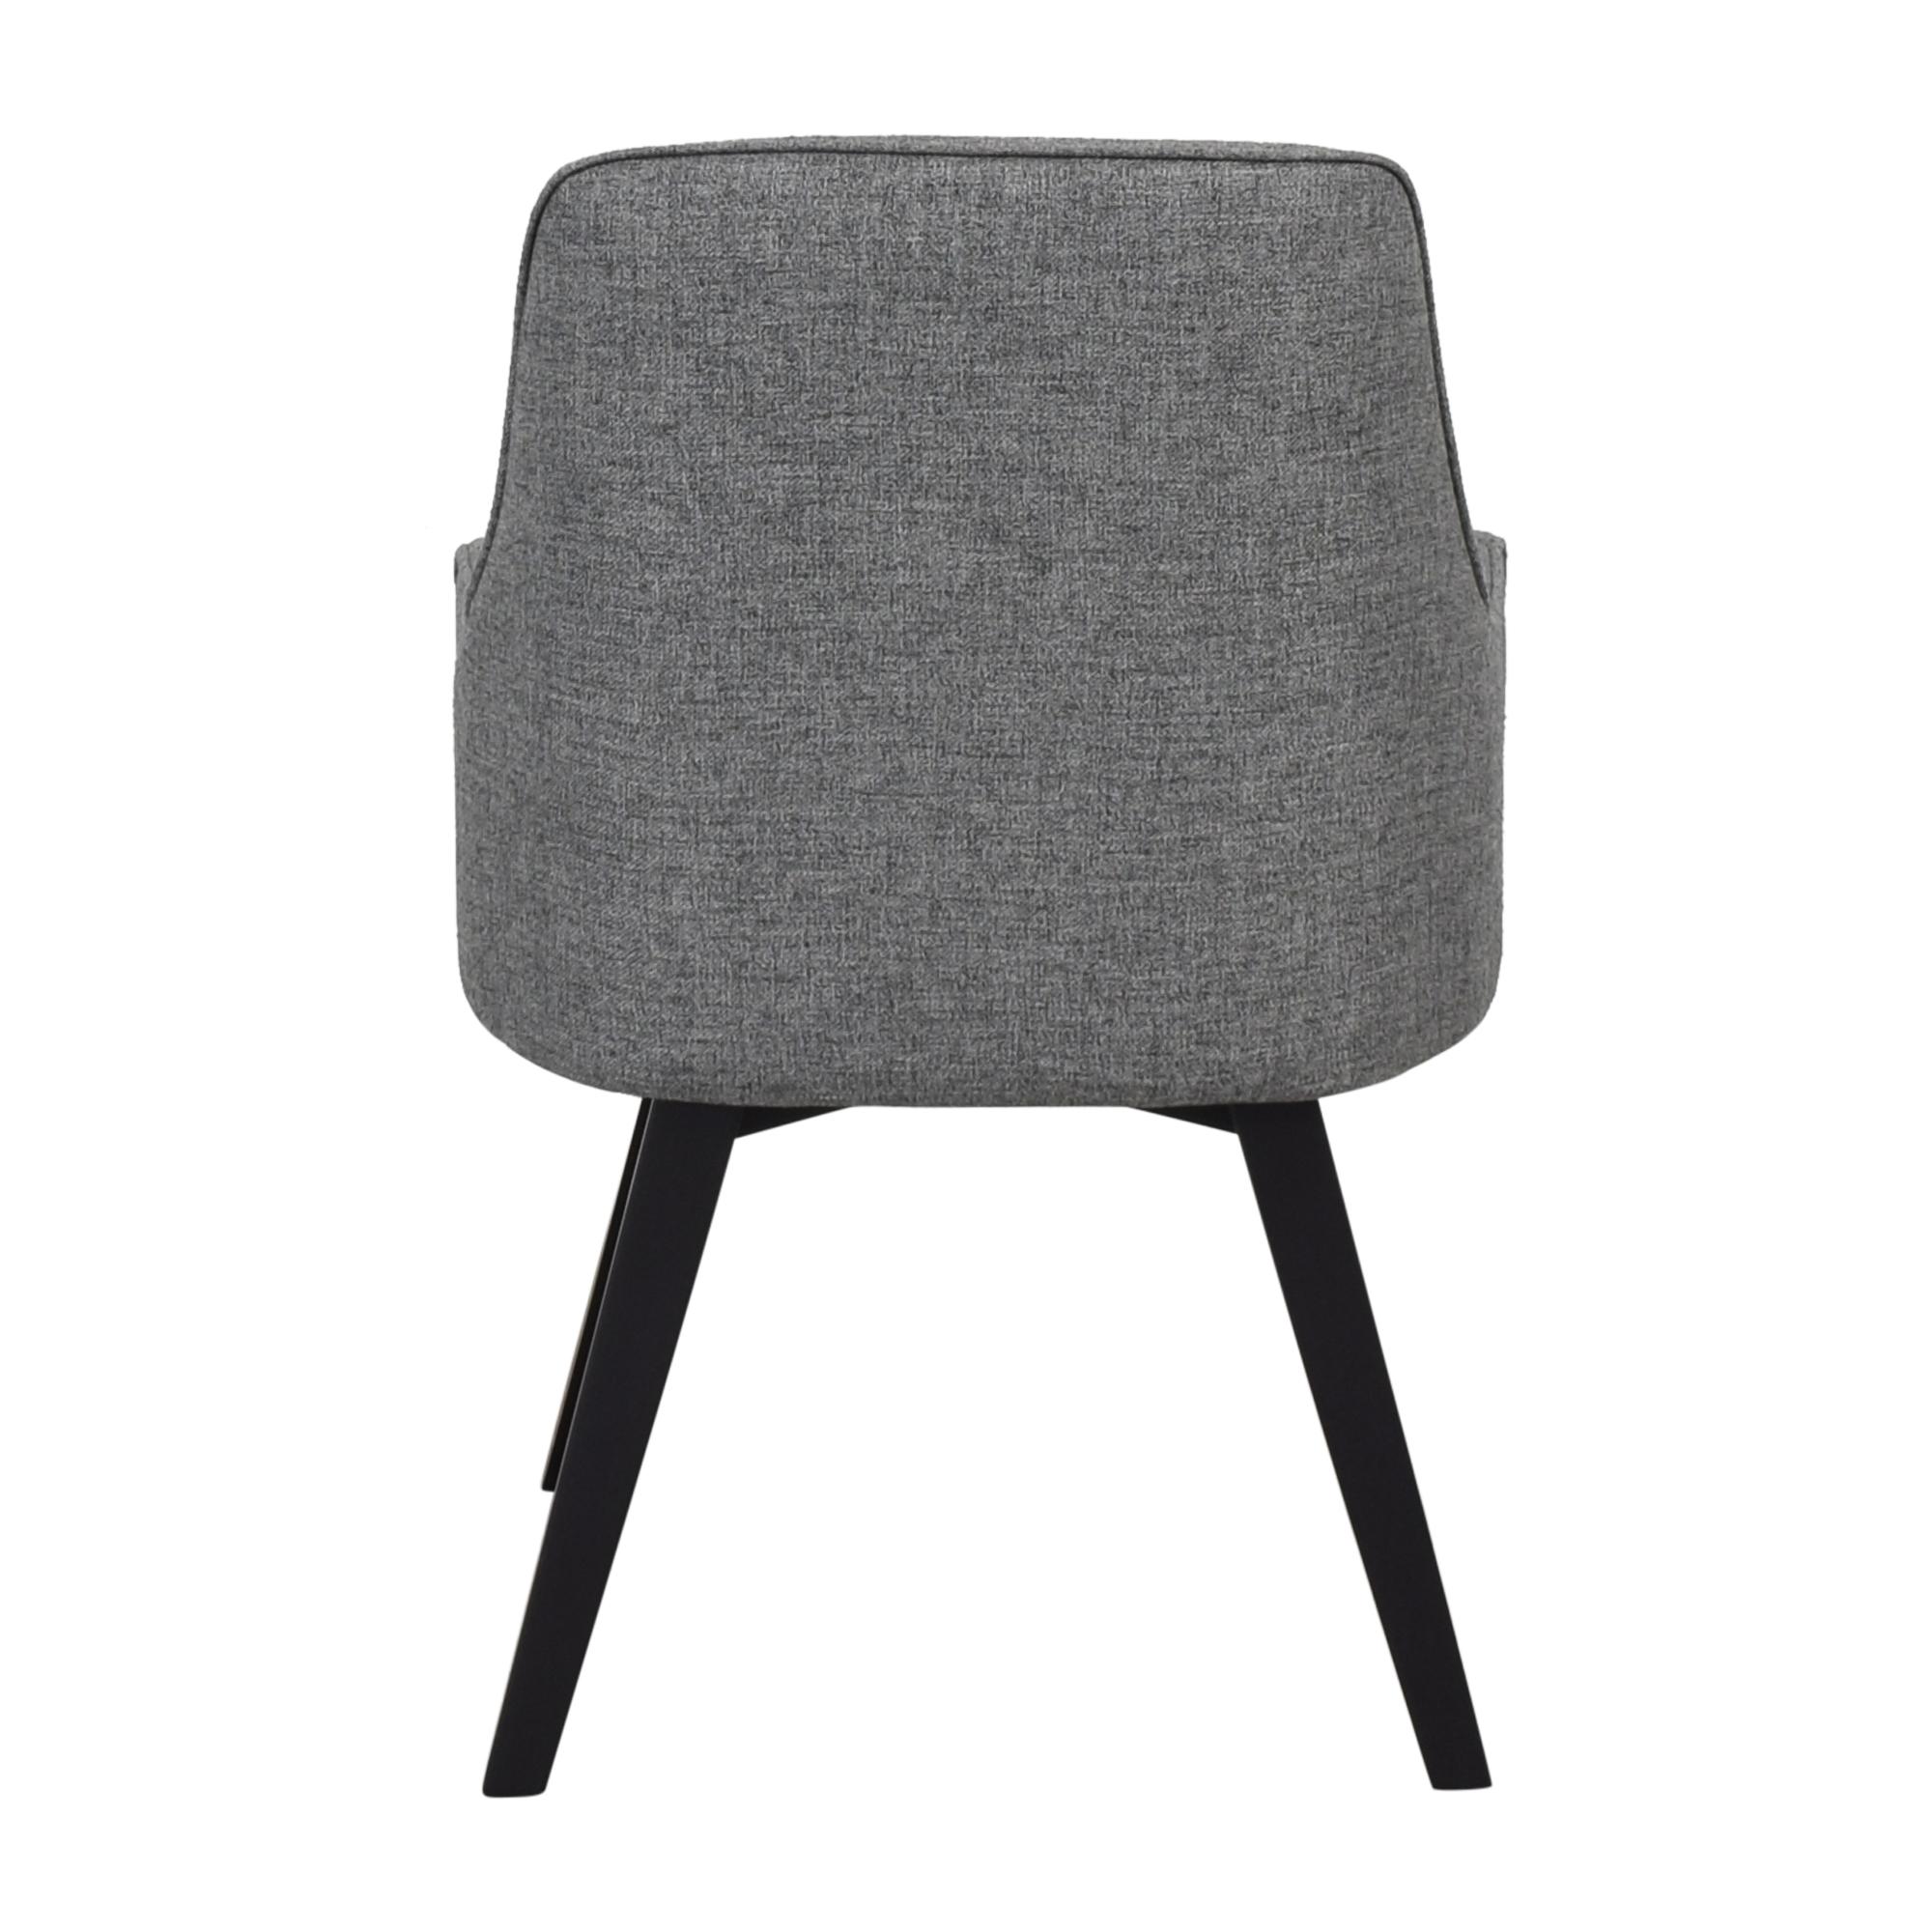 Crate & Barrel Crate & Barrel Harvey Black Chair nyc